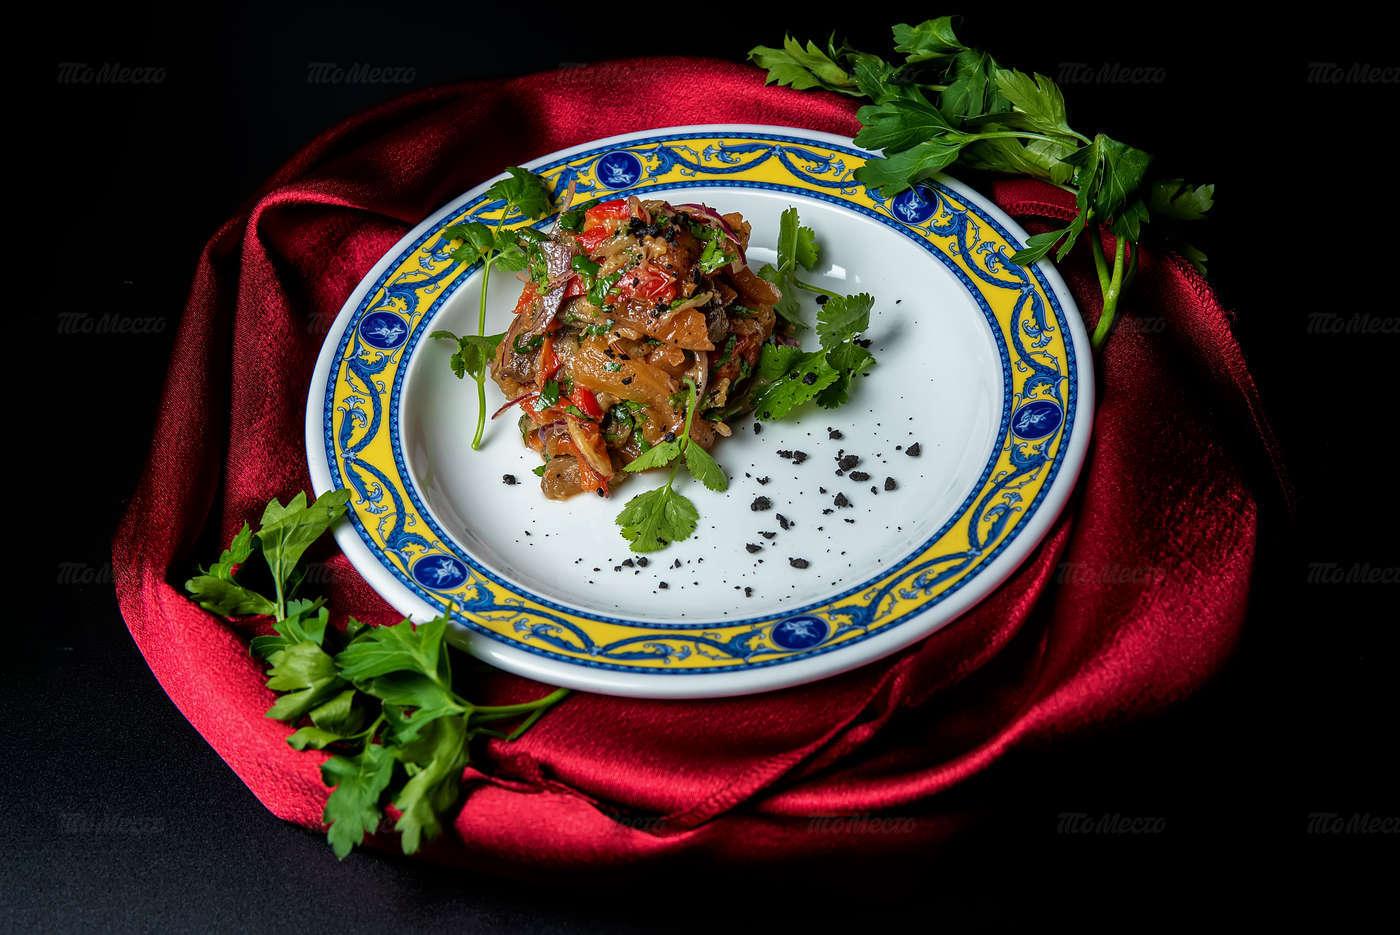 Меню ресторана Баязет на набережной реки Фонтанки фото 44